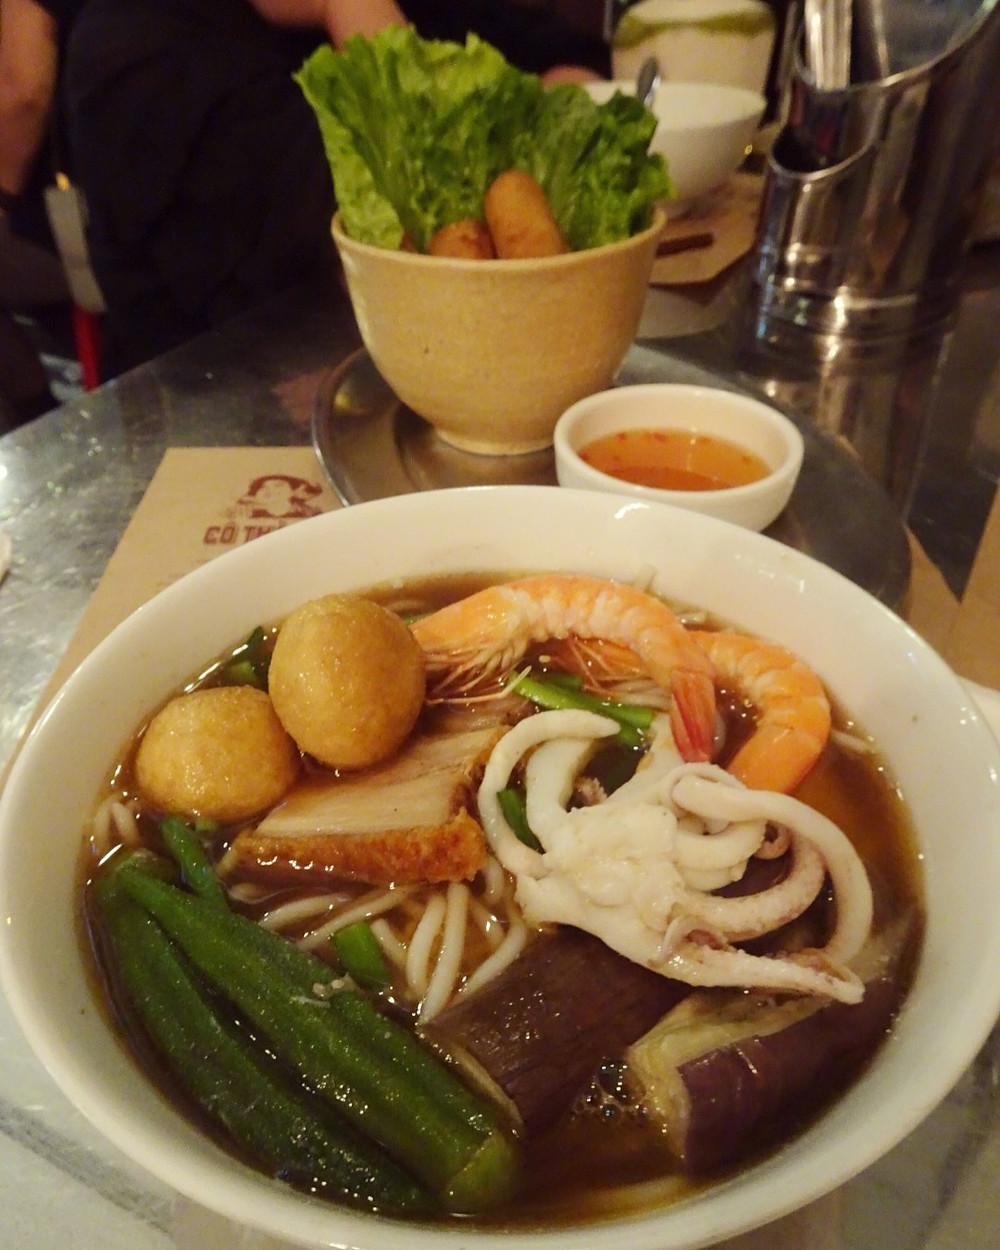 Food at Co Thanh Vietnamese restaurant in Hong Kong